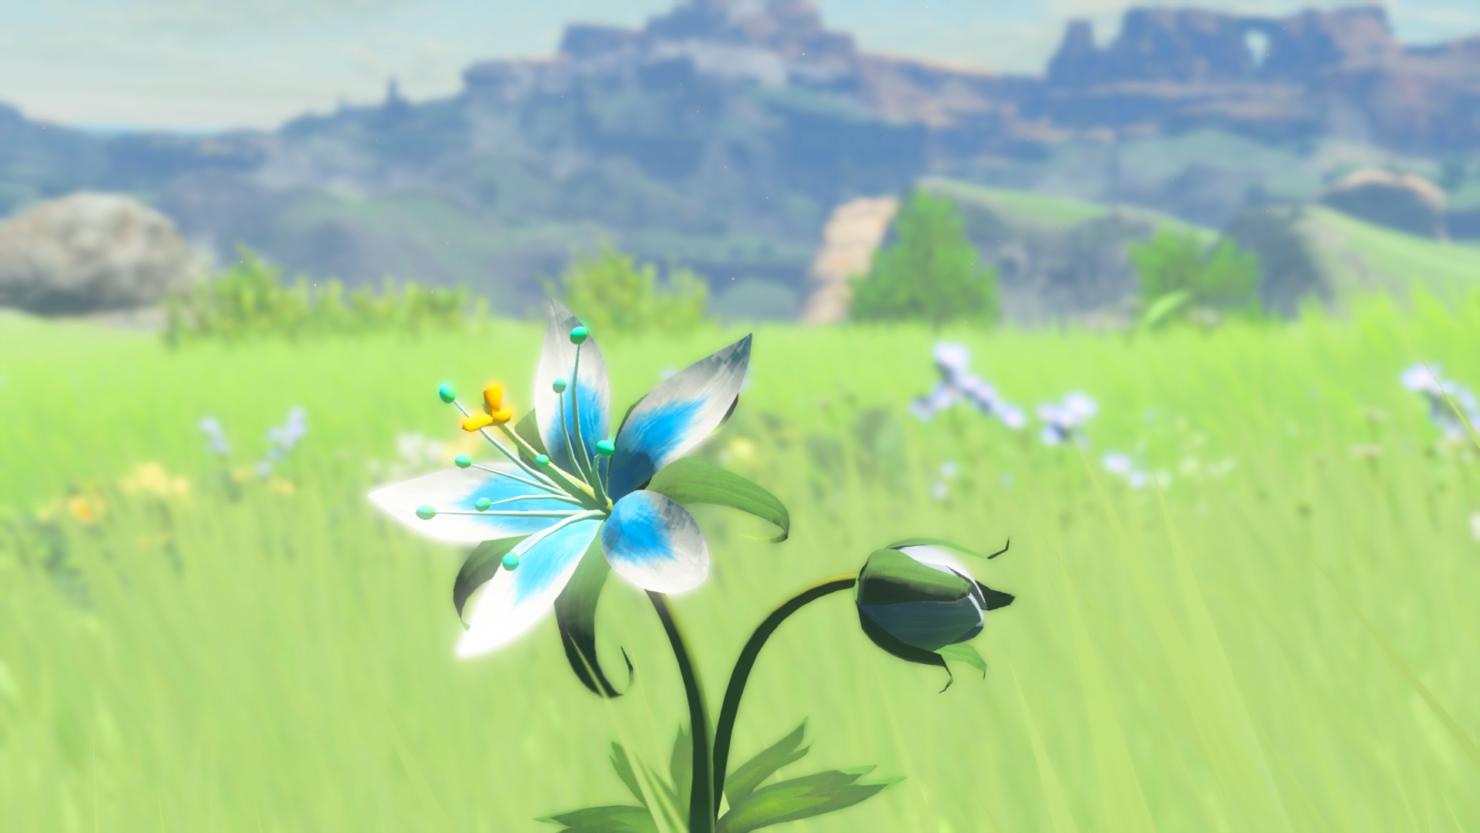 zelda-breath-of-the-wild-screenshots23